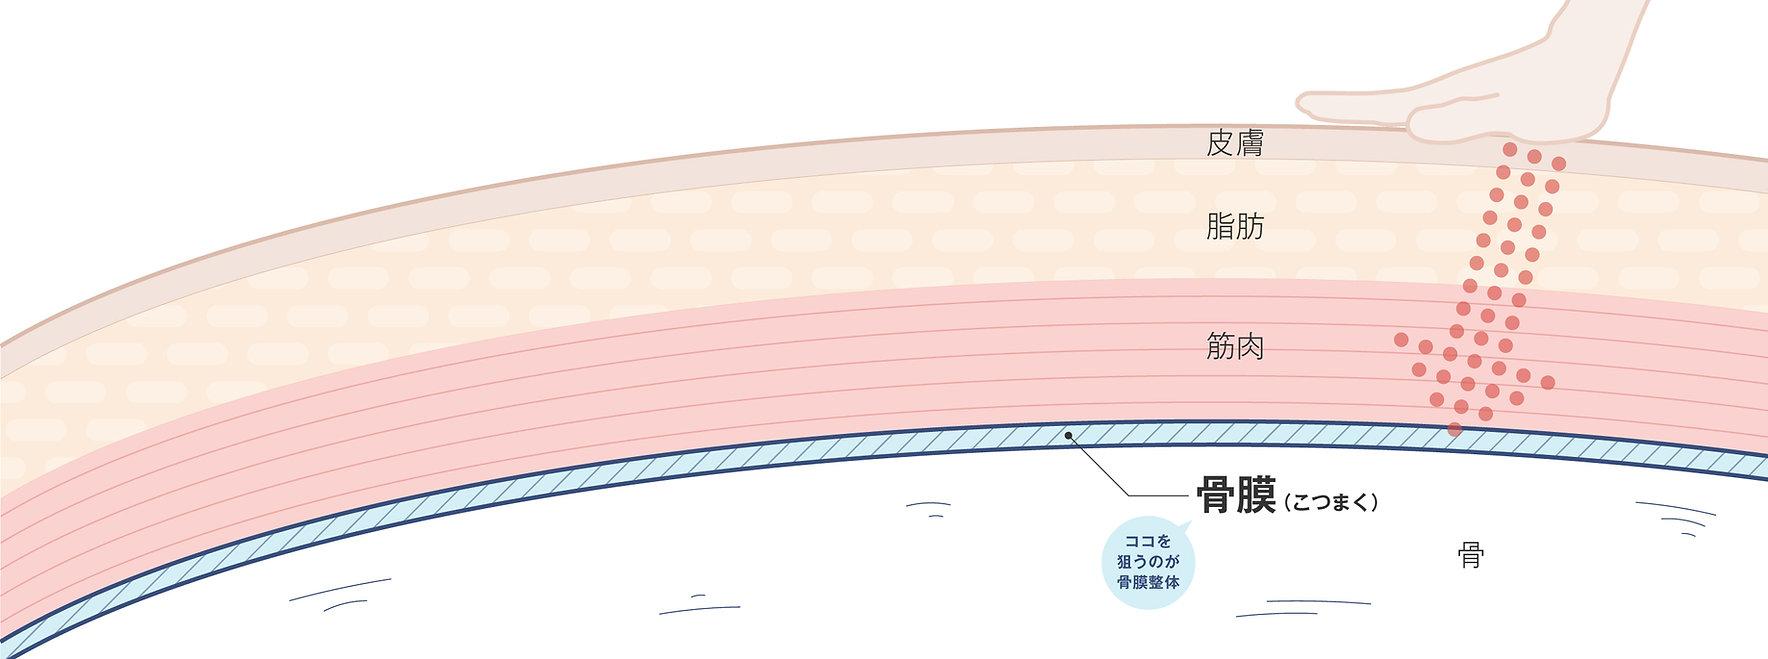 骨膜 イメージ.jpg